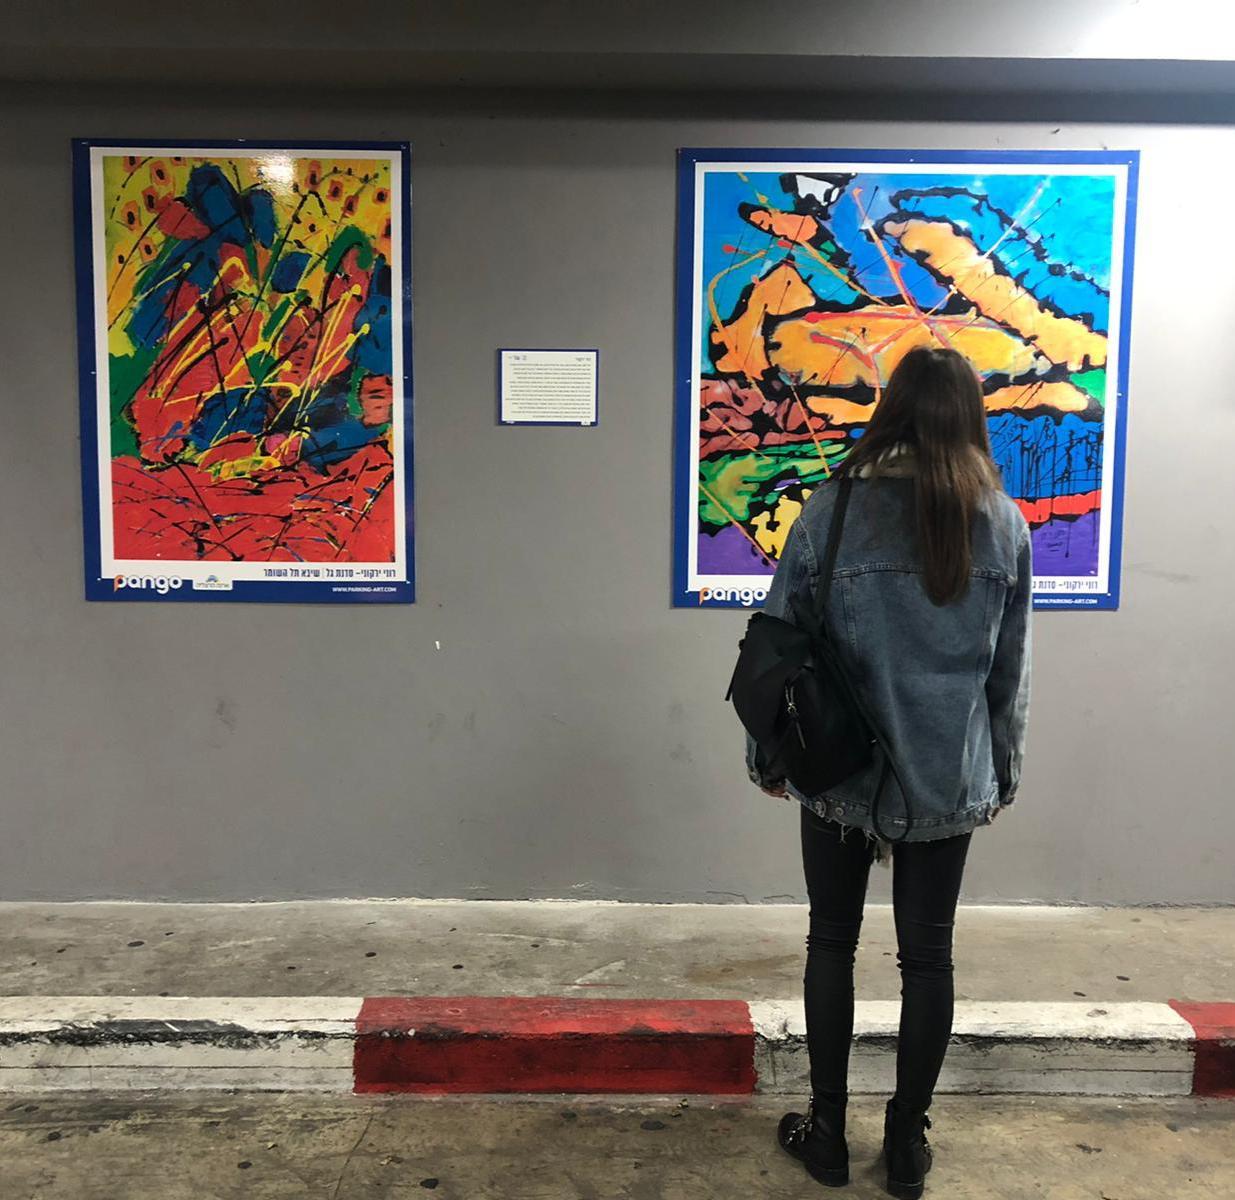 """""""ביטוי מופלא של עוצמה, נחישות וכוח רצון"""": יצירות האמנות של הלומי הקרב מוצגות בגלריה בארנה, וגם בחניון"""